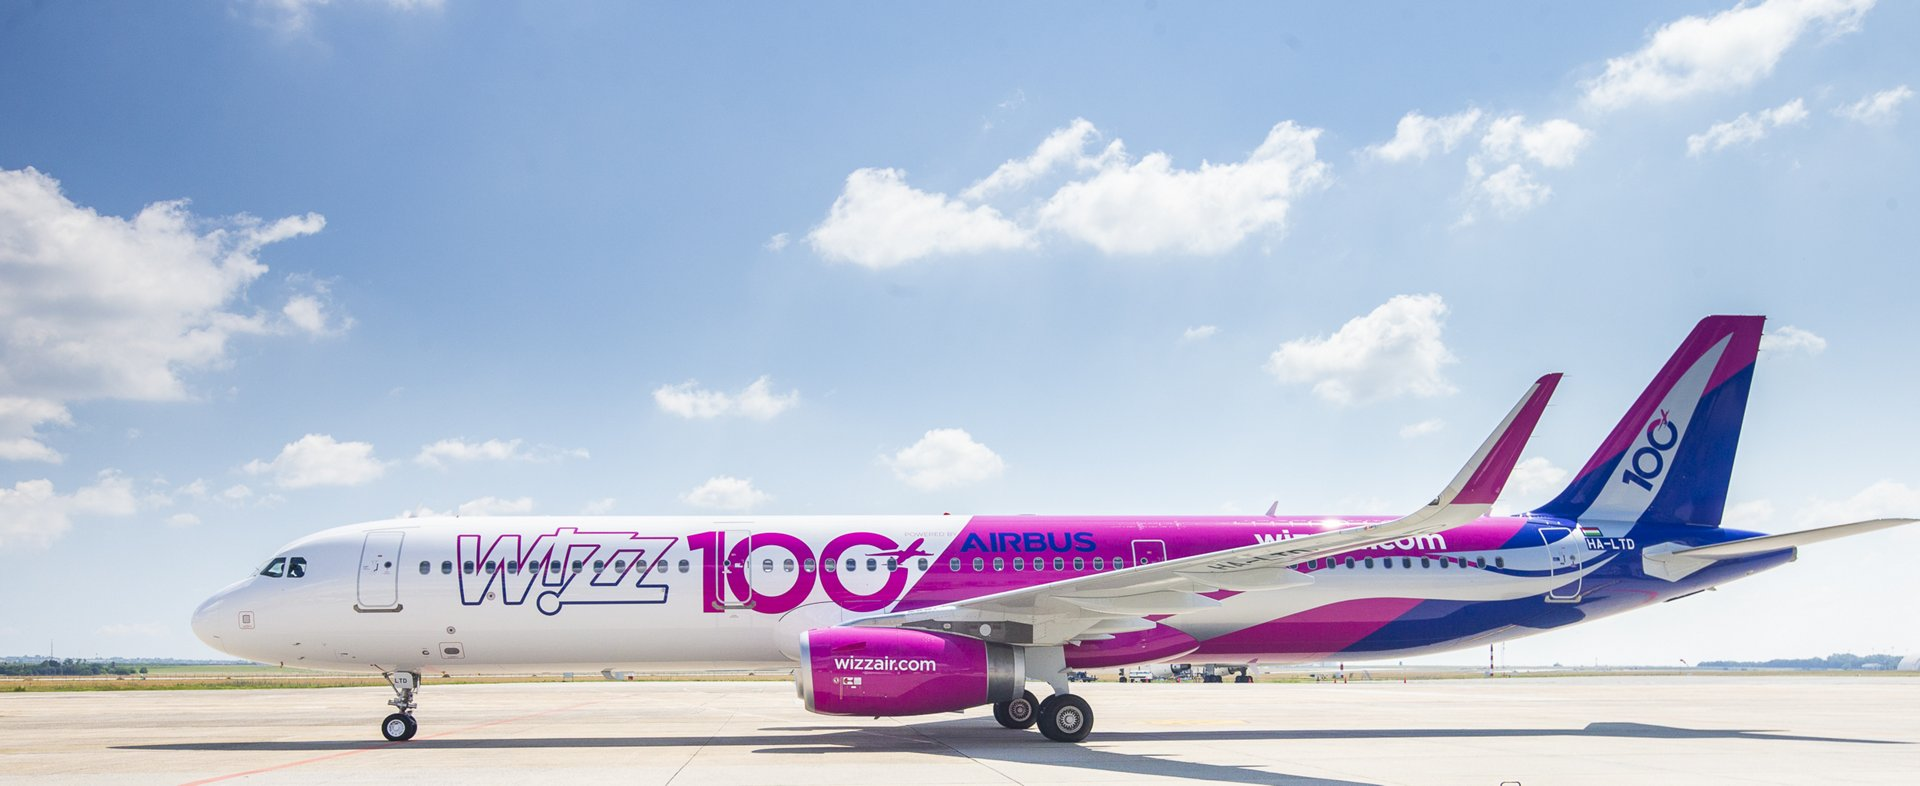 Wizz Air Announces Major Plans For Poland